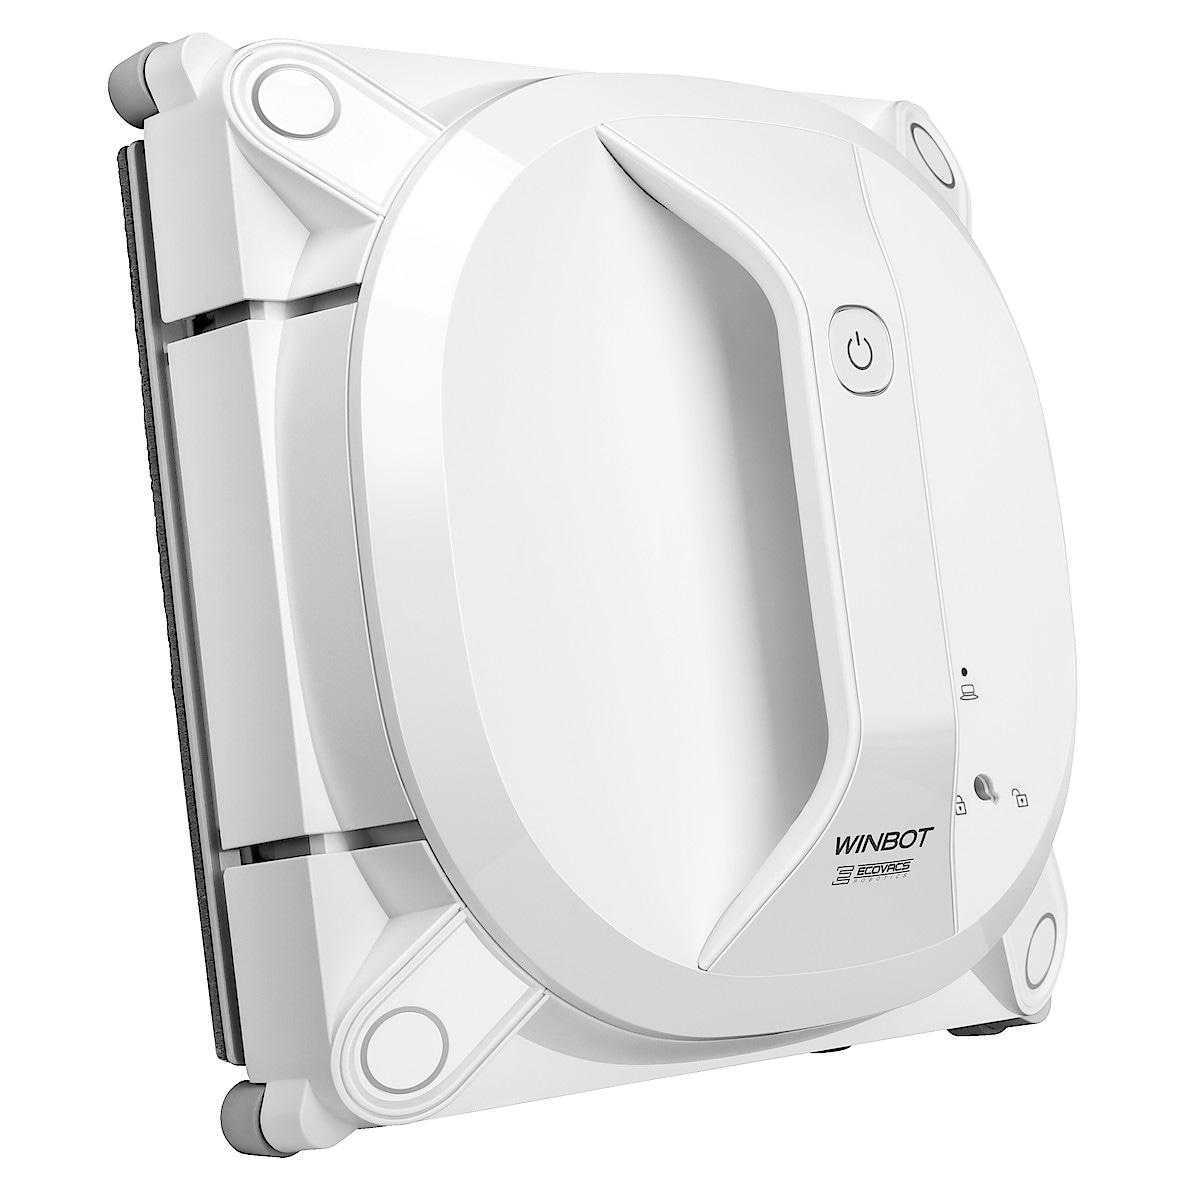 Ikkunanpesurobotti Ecovacs Winbot X